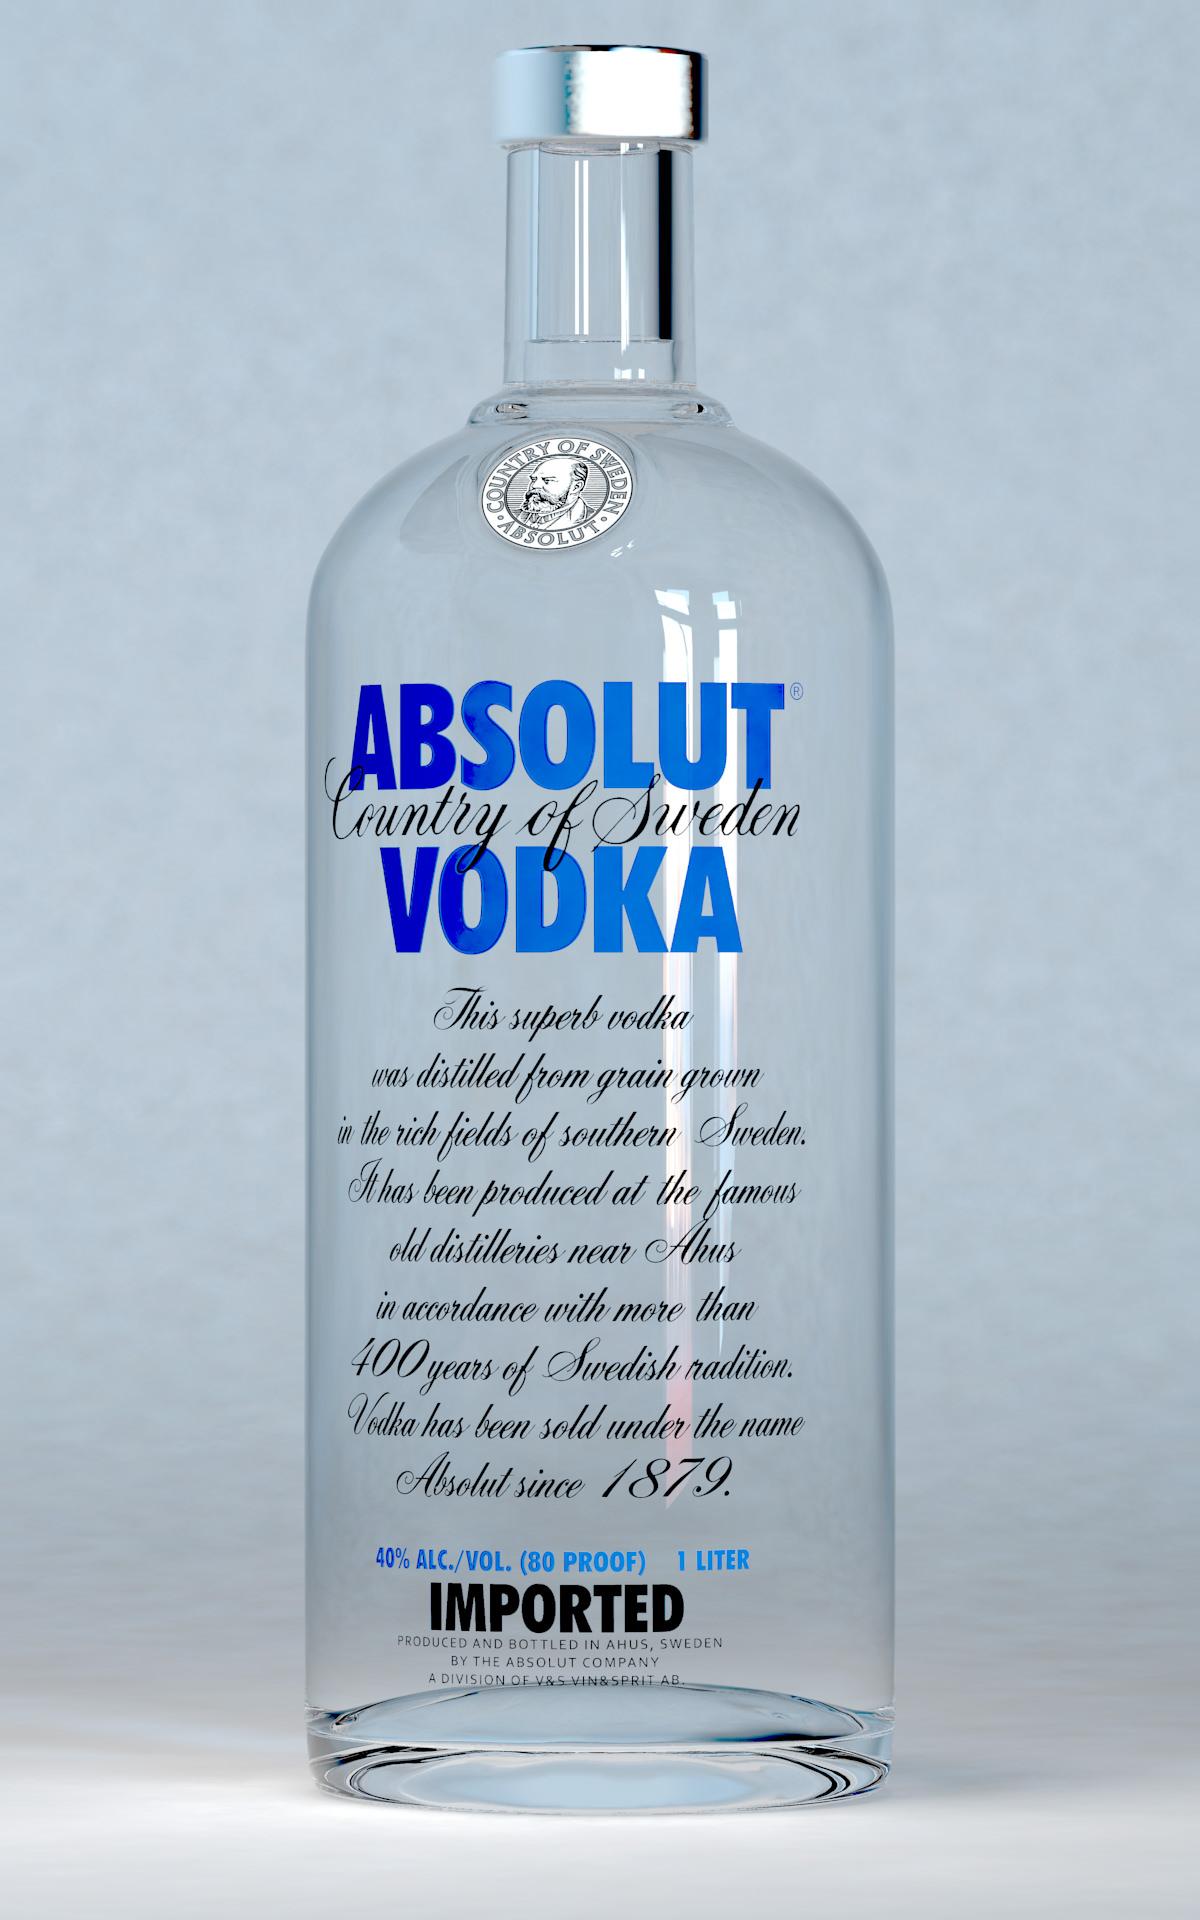 Absolut Vodka Bottle 3D Model .fbx .ma .mb - CGTrader.com